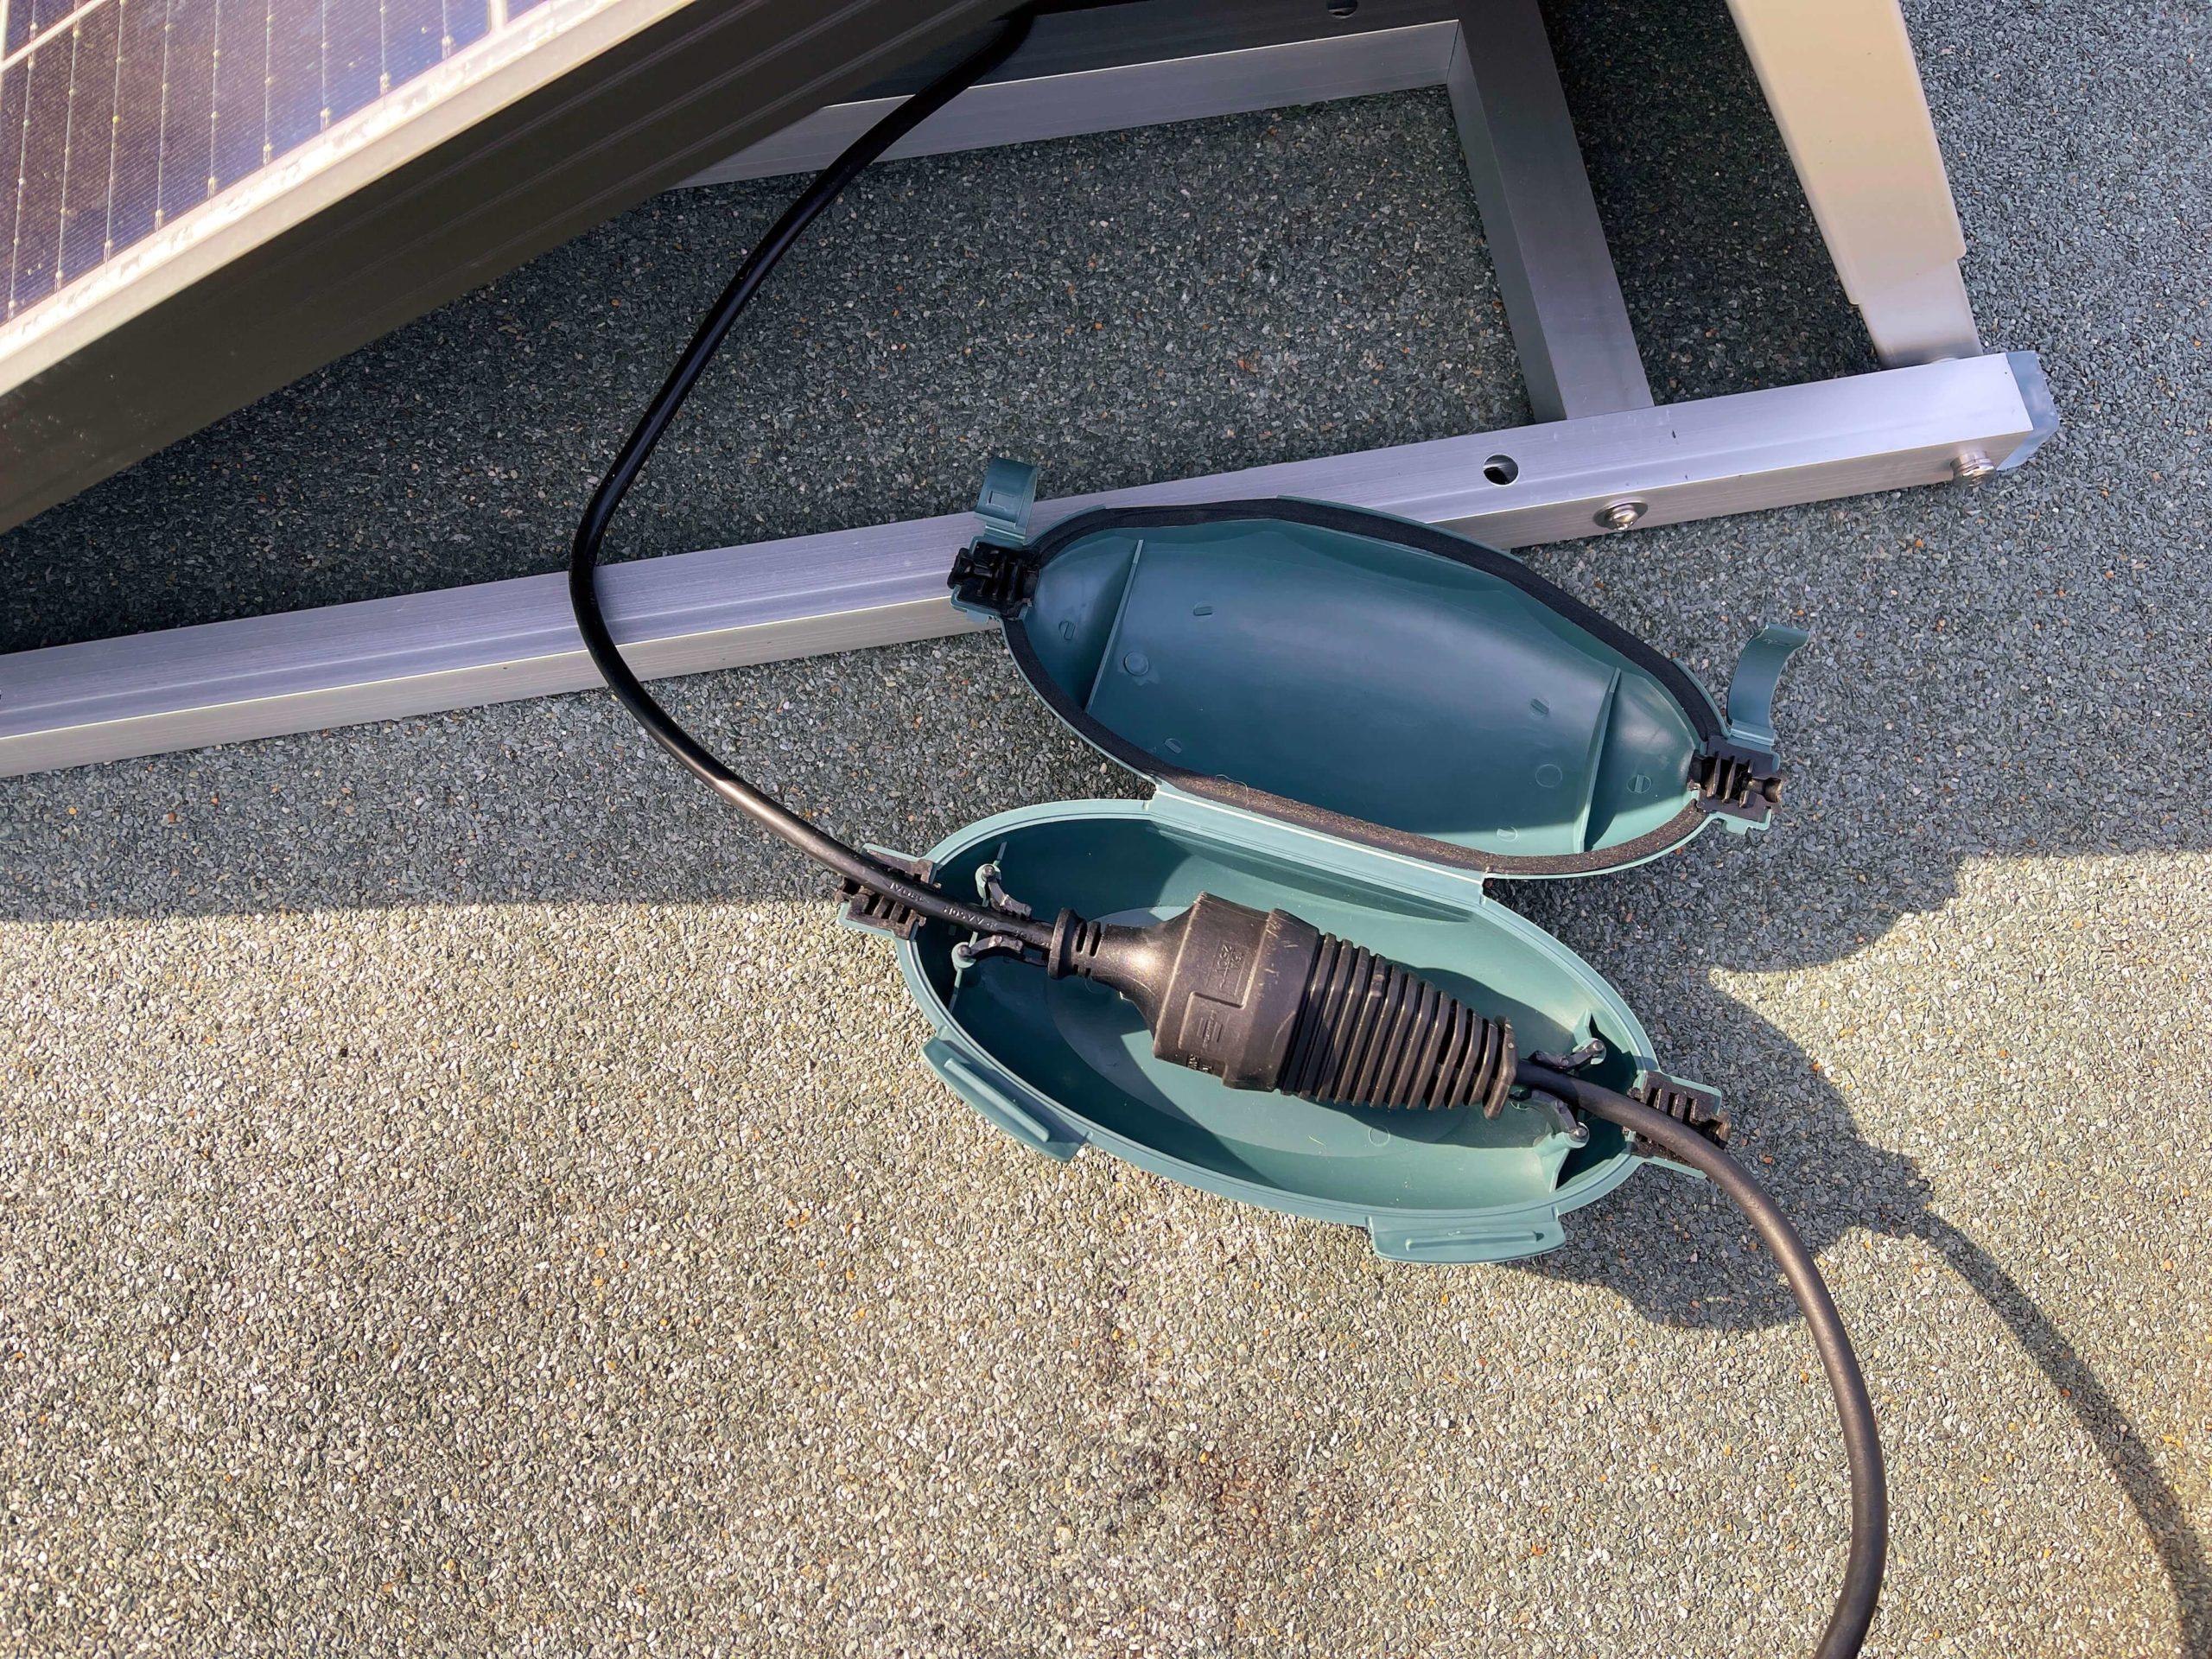 Solarstrom-fuer-das-SmartHome-selbst-produzieren-und-Geld-sparen4-scaled Solarstrom für das SmartHome - Grundverbauch selbst produzieren und Geld sparen